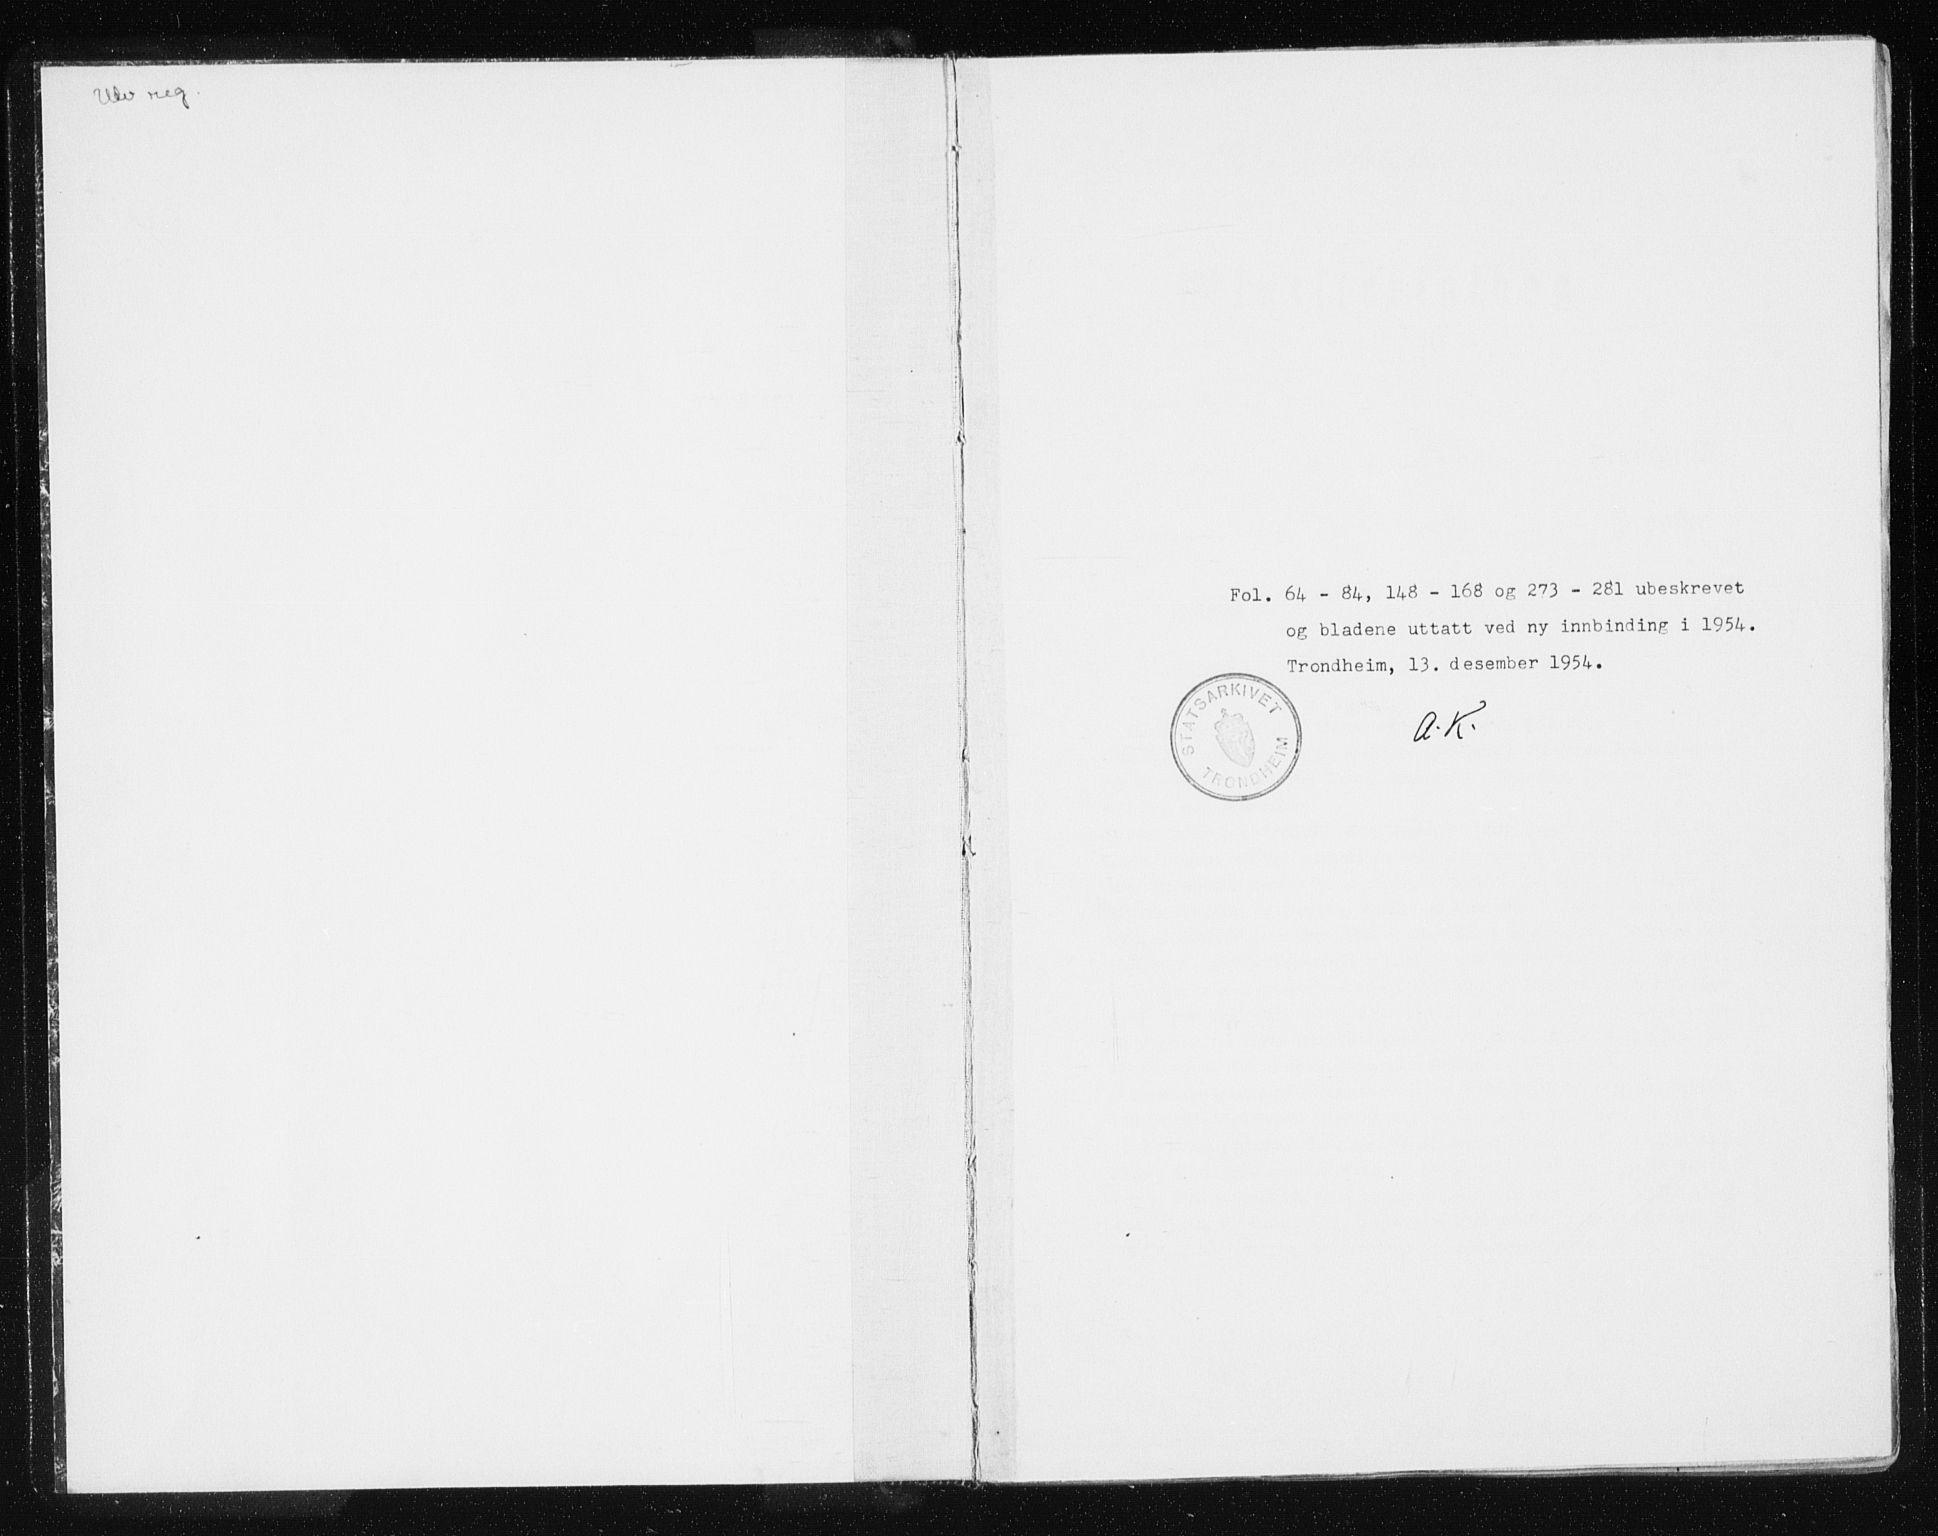 SAT, Ministerialprotokoller, klokkerbøker og fødselsregistre - Sør-Trøndelag, 674/L0869: Parish register (official) no. 674A01, 1829-1860